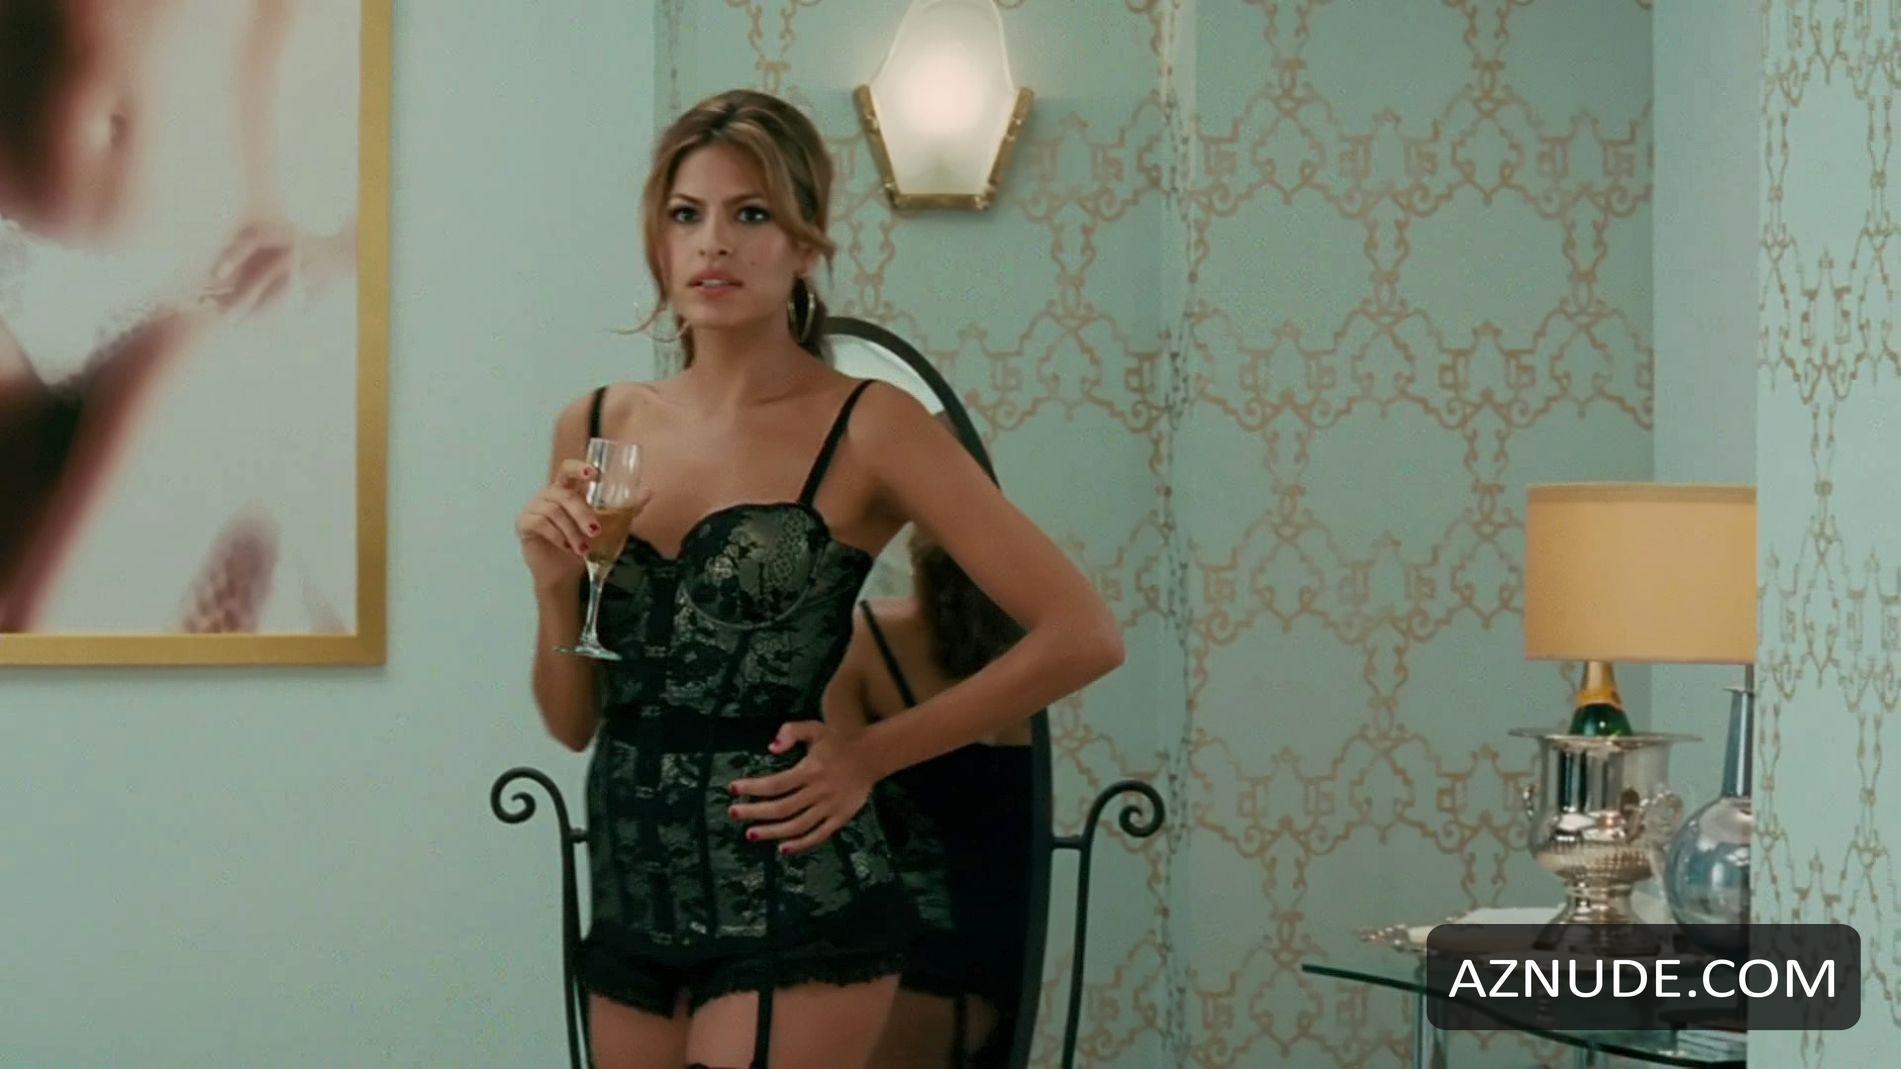 Stars Eva Mendes Hot Nude Pics Pics